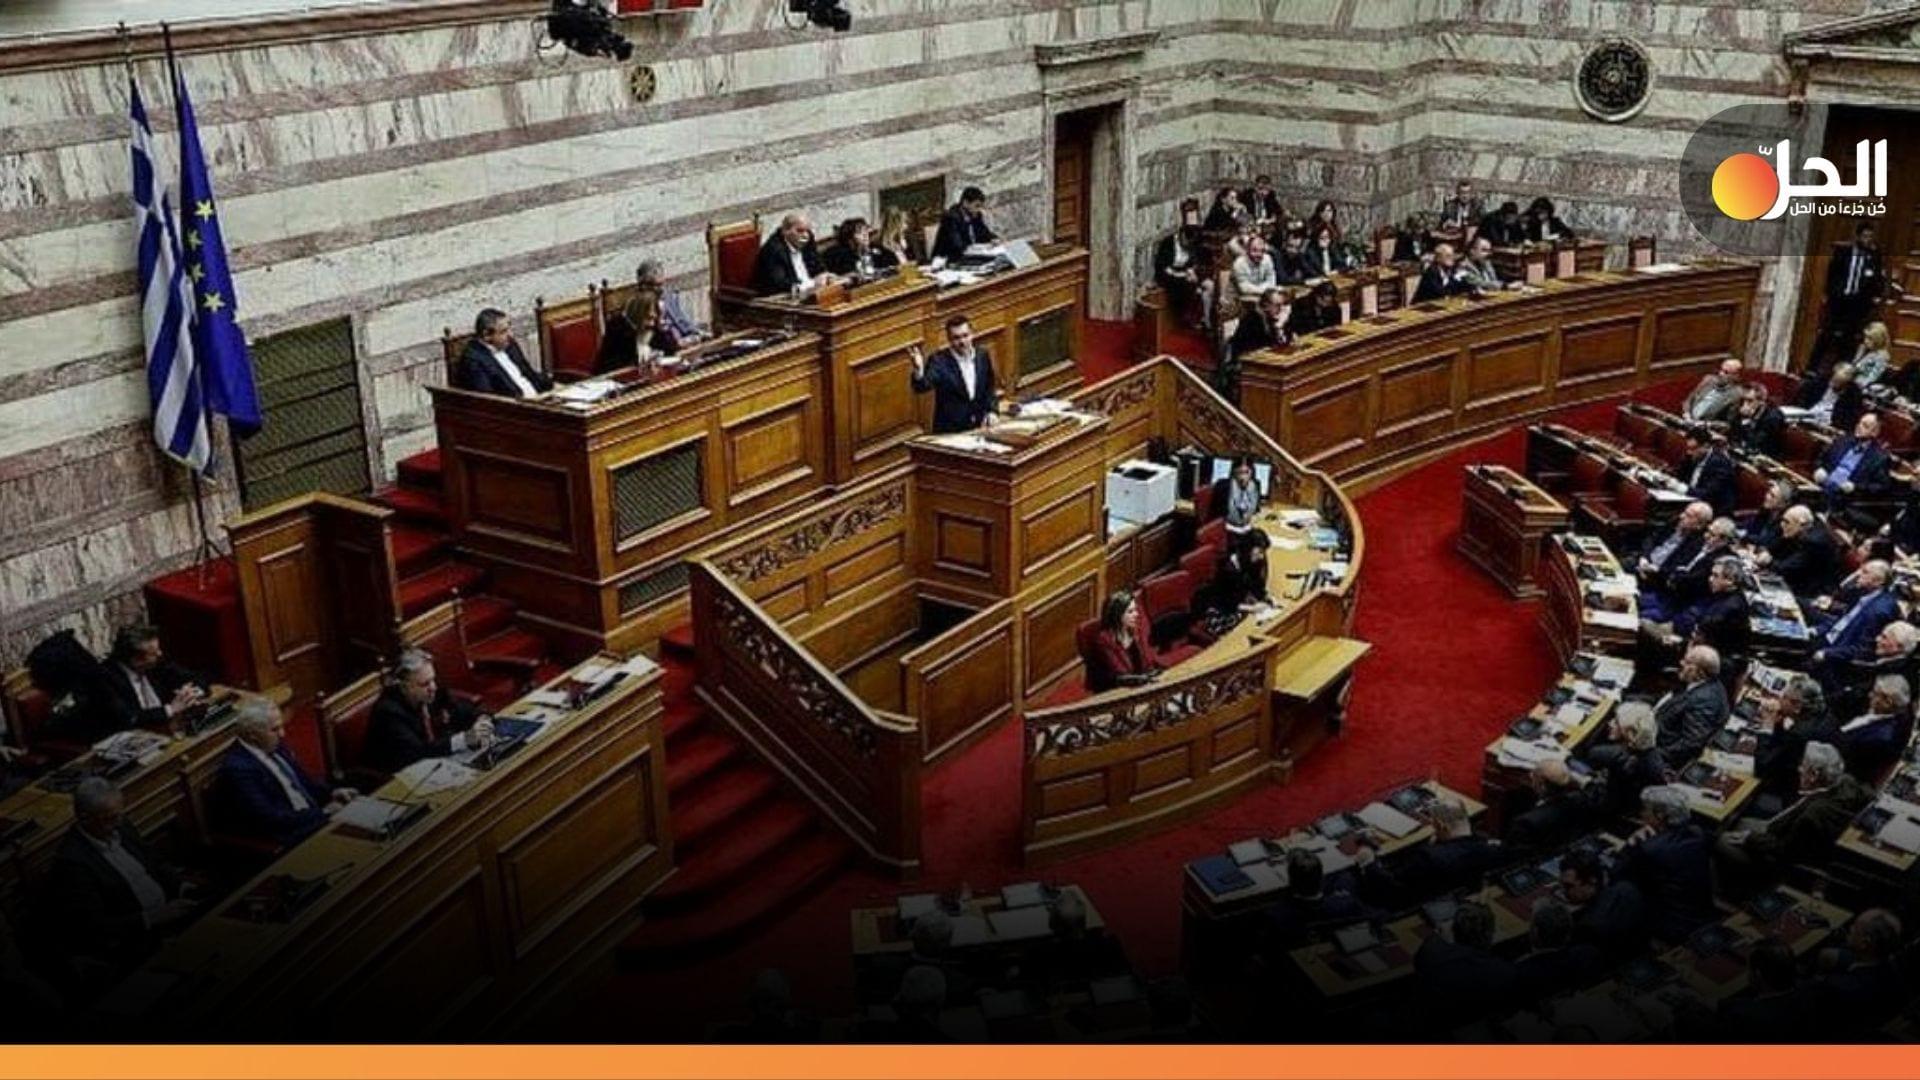 نتيجة توتّر علاقات أنقرَة وأثينا.. البرلمان اليوناني يبحث شراء /18/ طائرة فرنسية